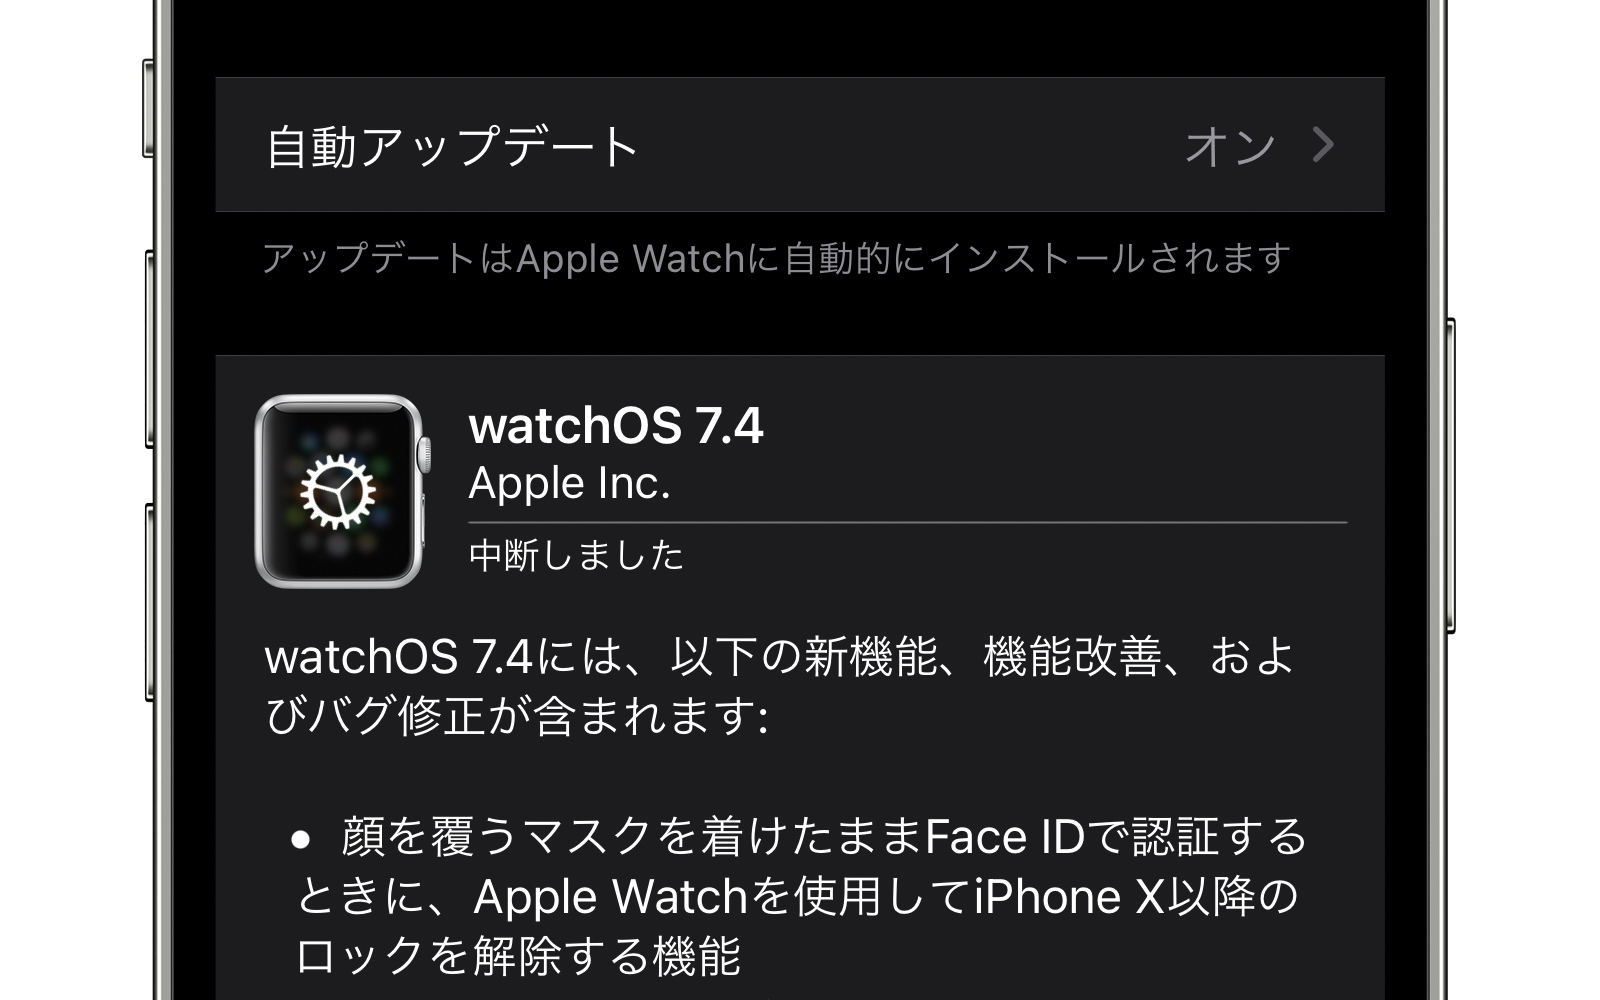 WatchOS7 4 update